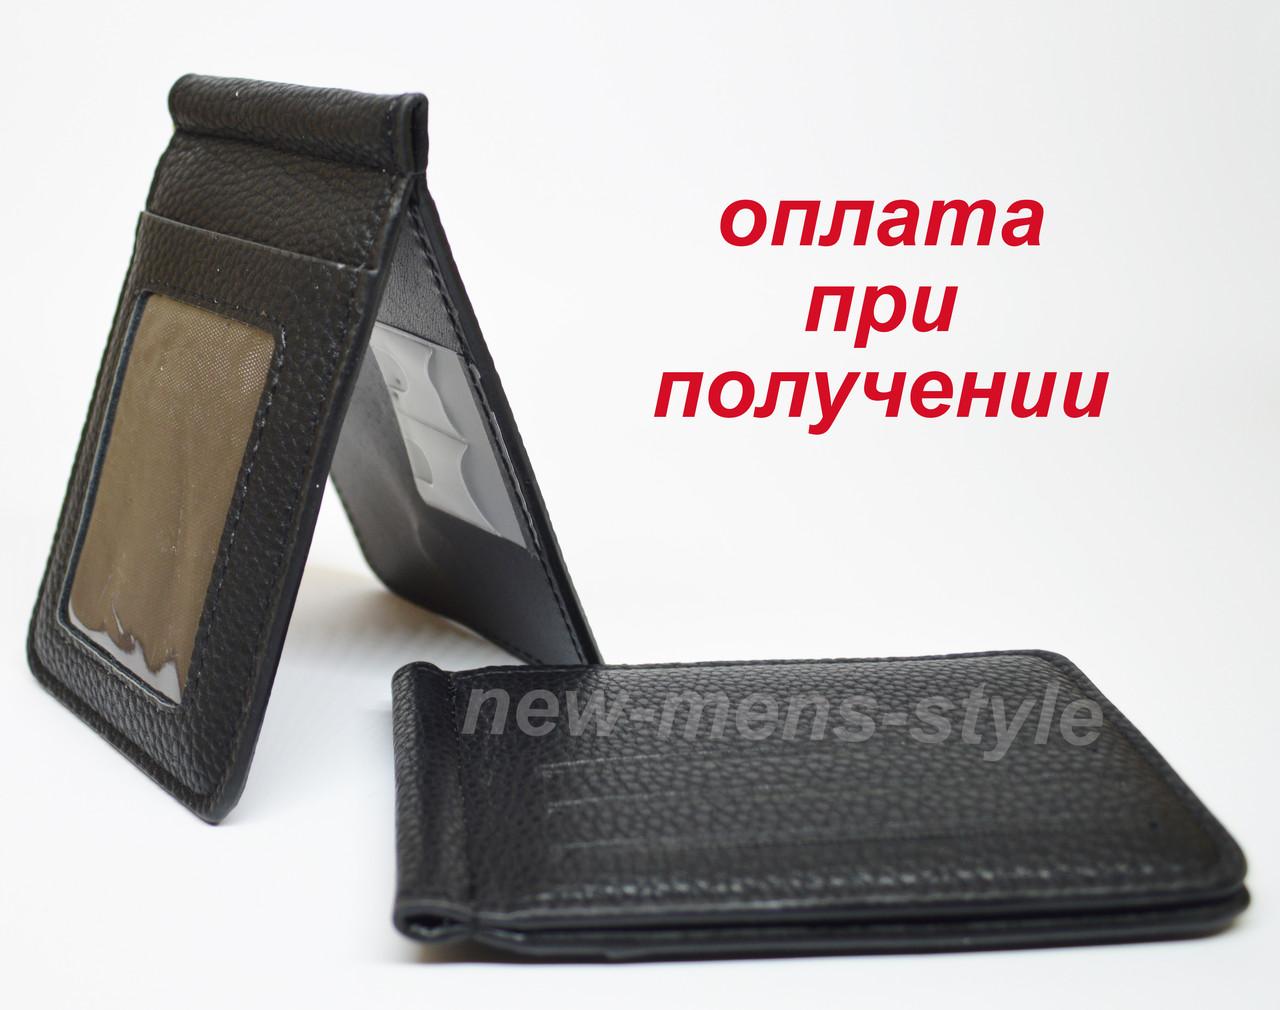 b3d00f468b5c Купить сейчас - Мужской кожаный шкіряний кошелек портмоне клипса зажим для  денег ...